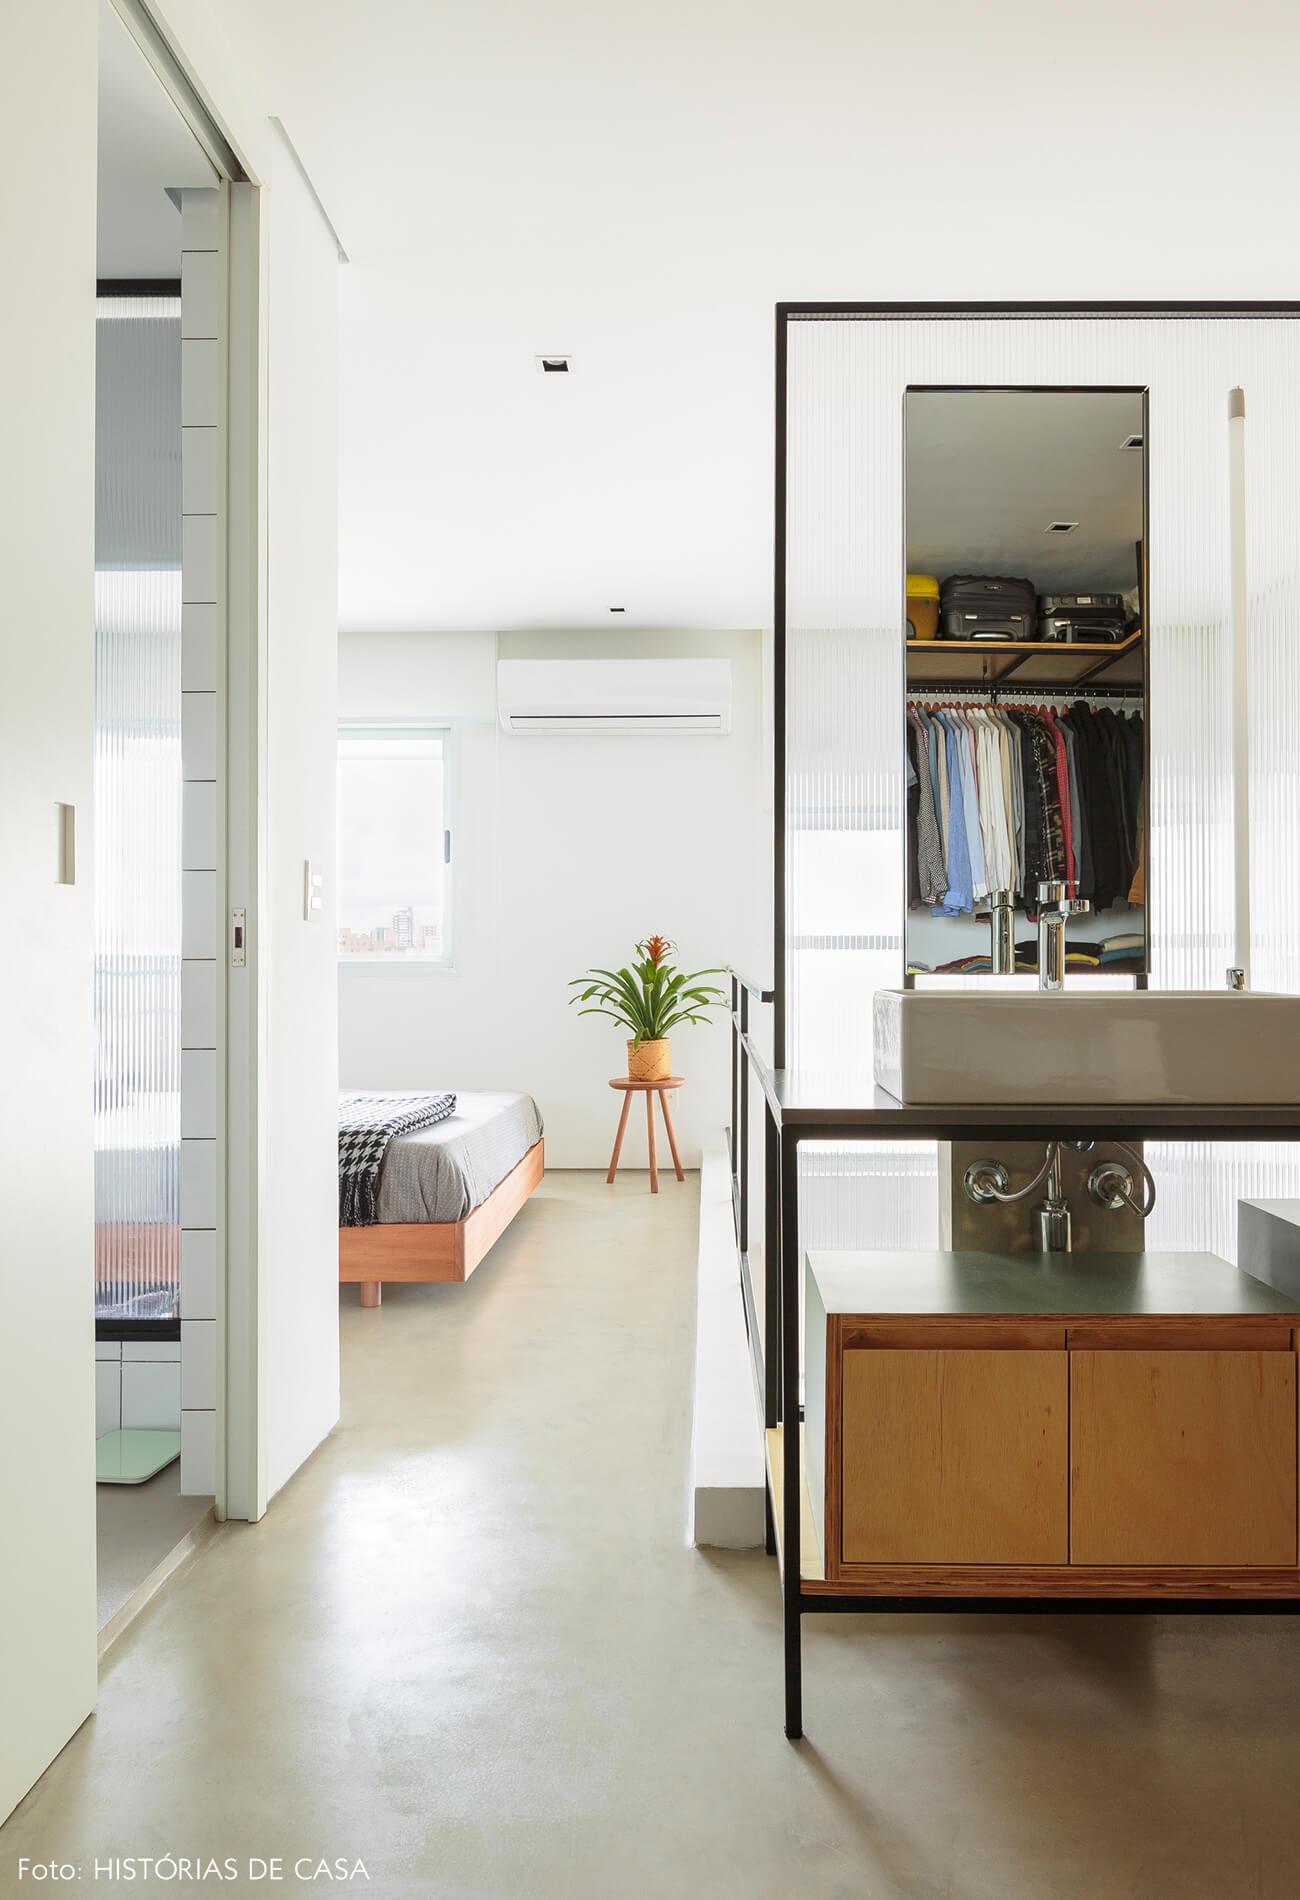 flavio-decoração-closet-e-quarto-duplex-bem-iluminado